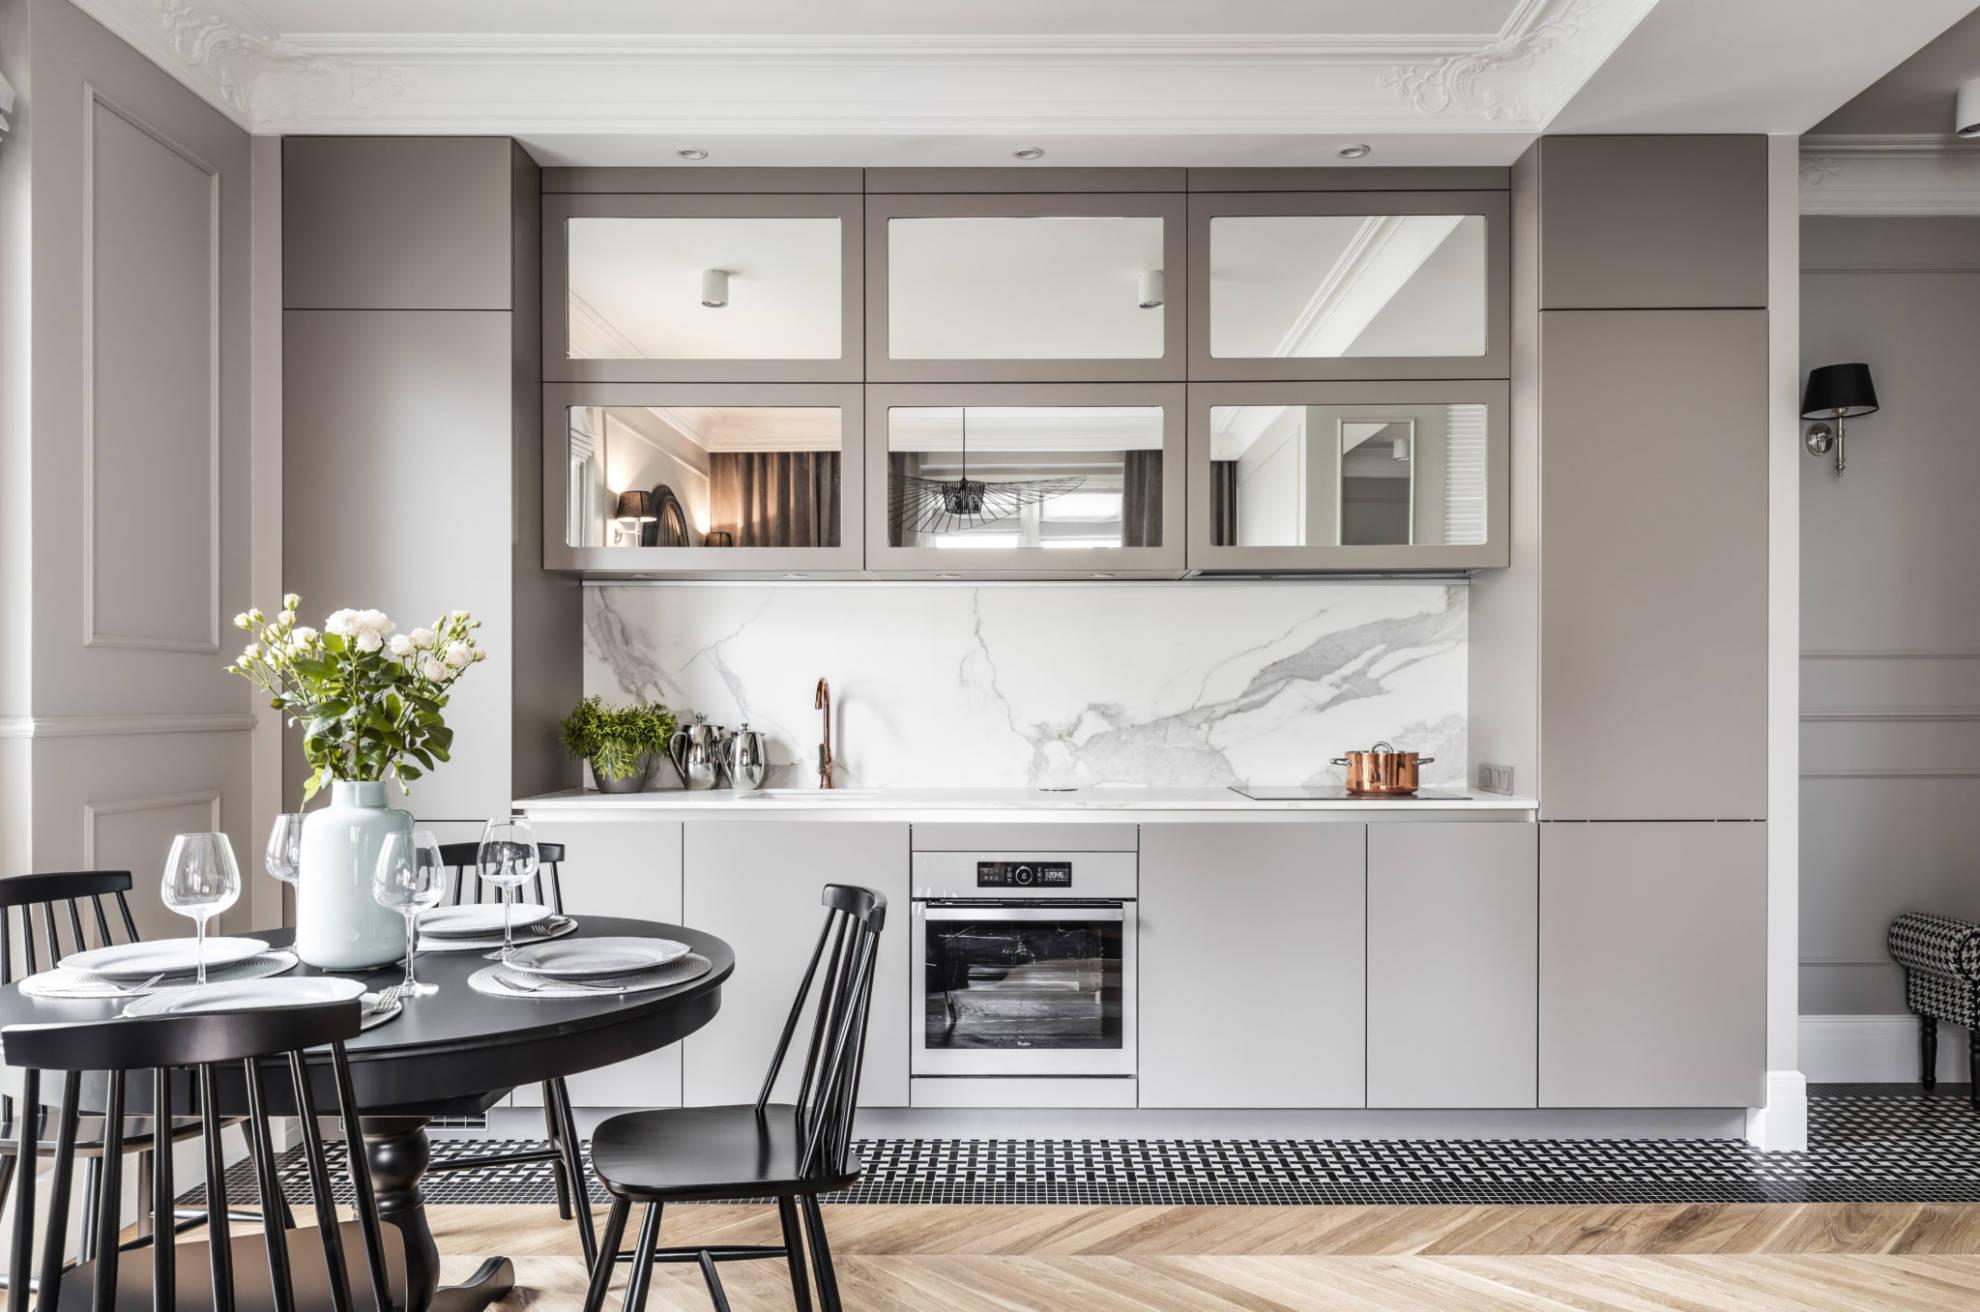 36m2 W Kamienicy Sas Wnętrza I Kuchnie Ih Internity Home